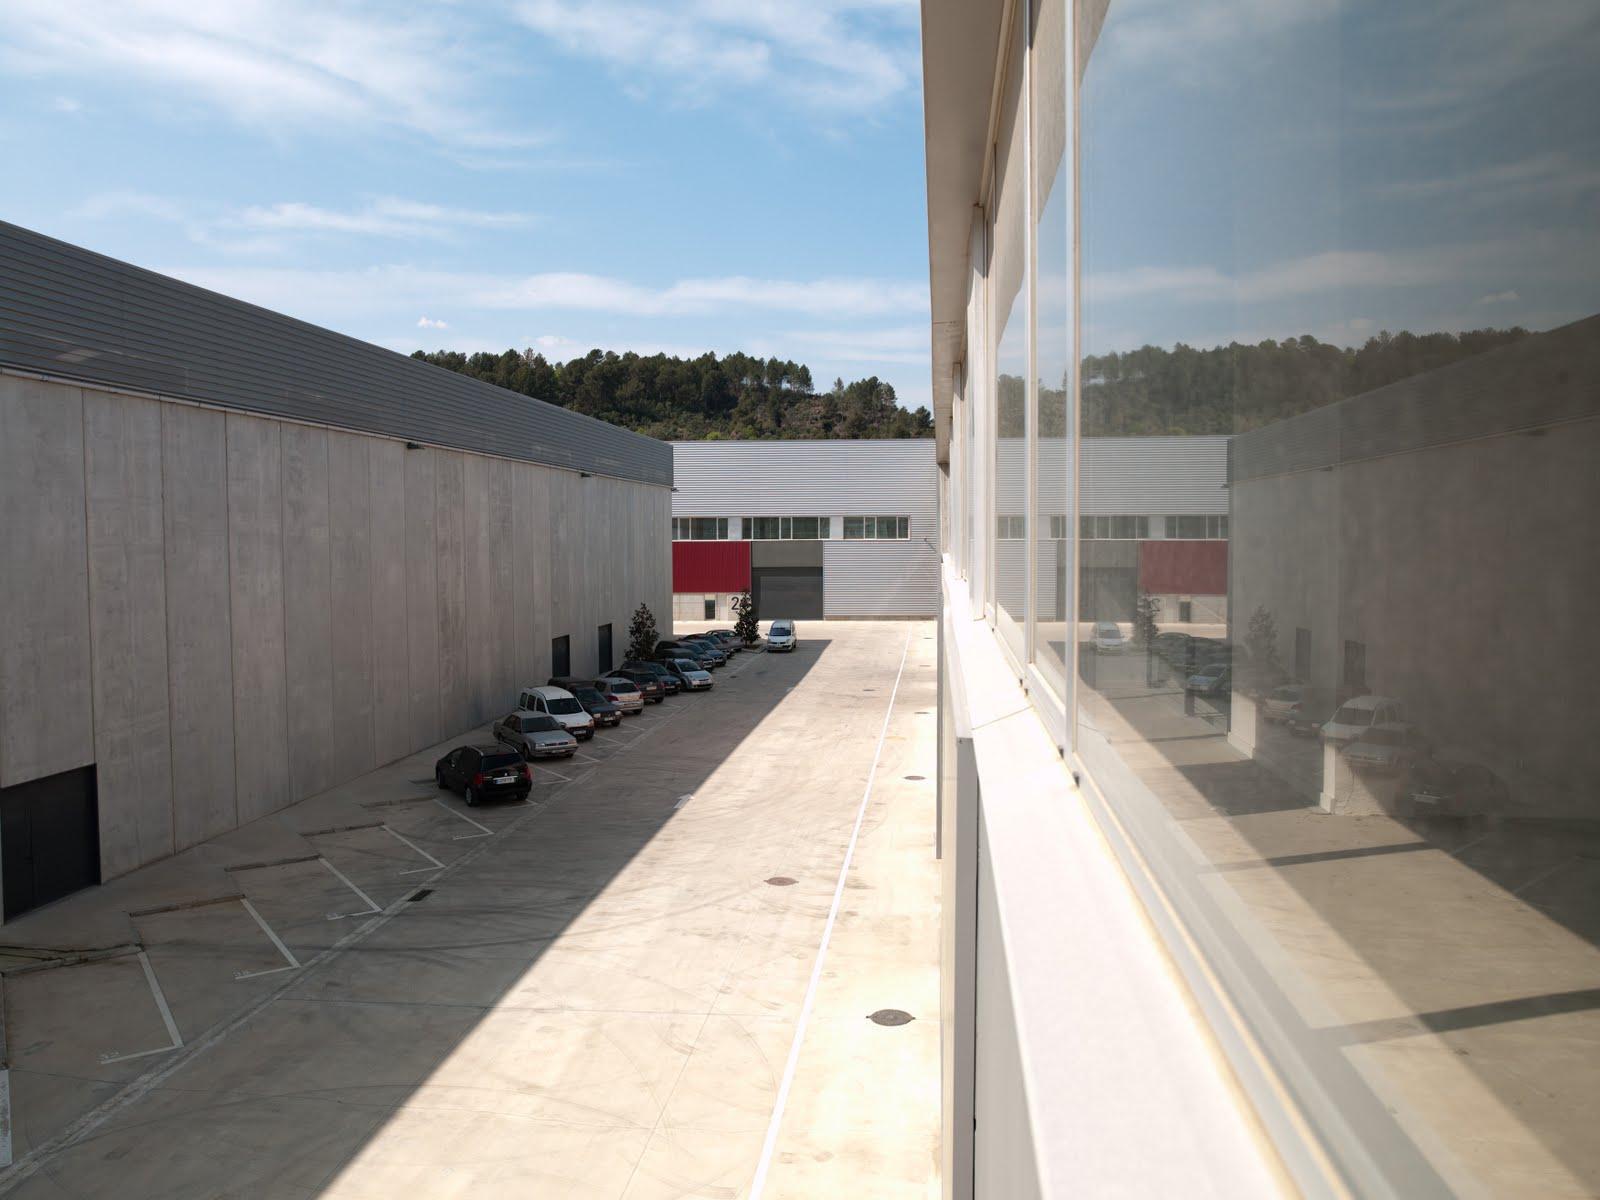 Alquiler parque empresarial naves industriales y oficinas - Naves industriales barcelona ...